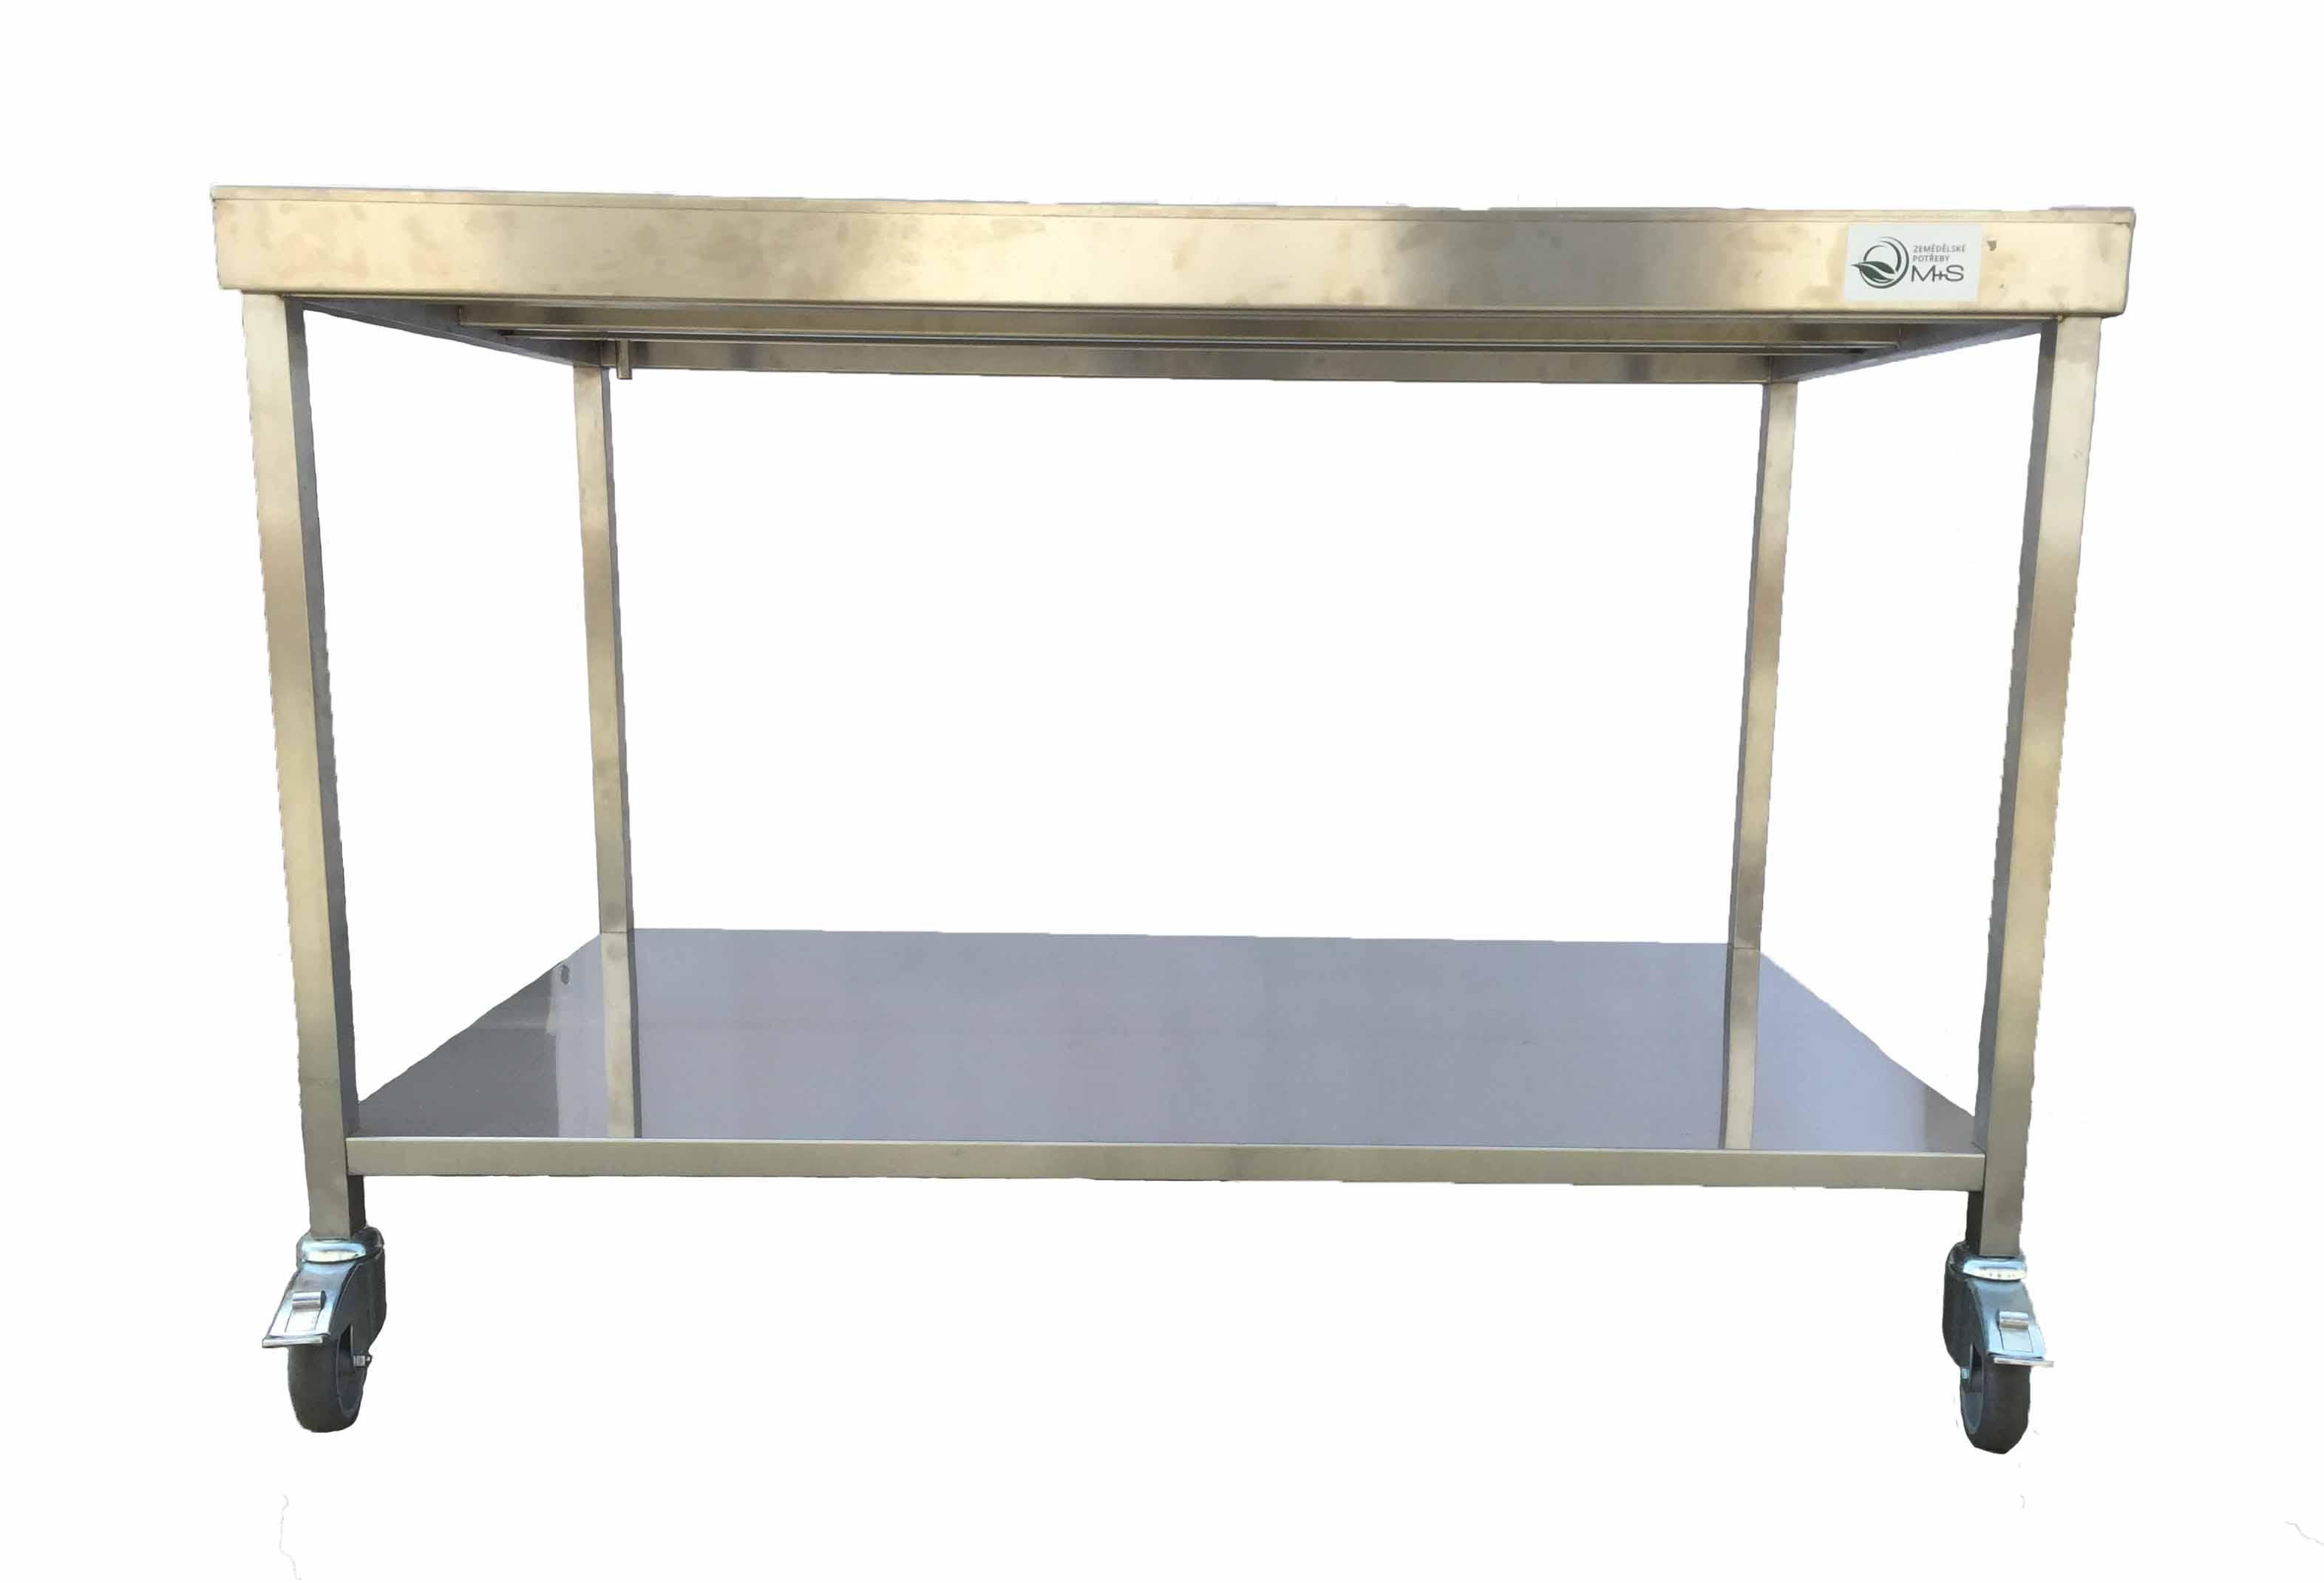 Sýrařský stůl 130 x 80 x 85 s odtokem, policí a pojezdem, nerez AiSi 304